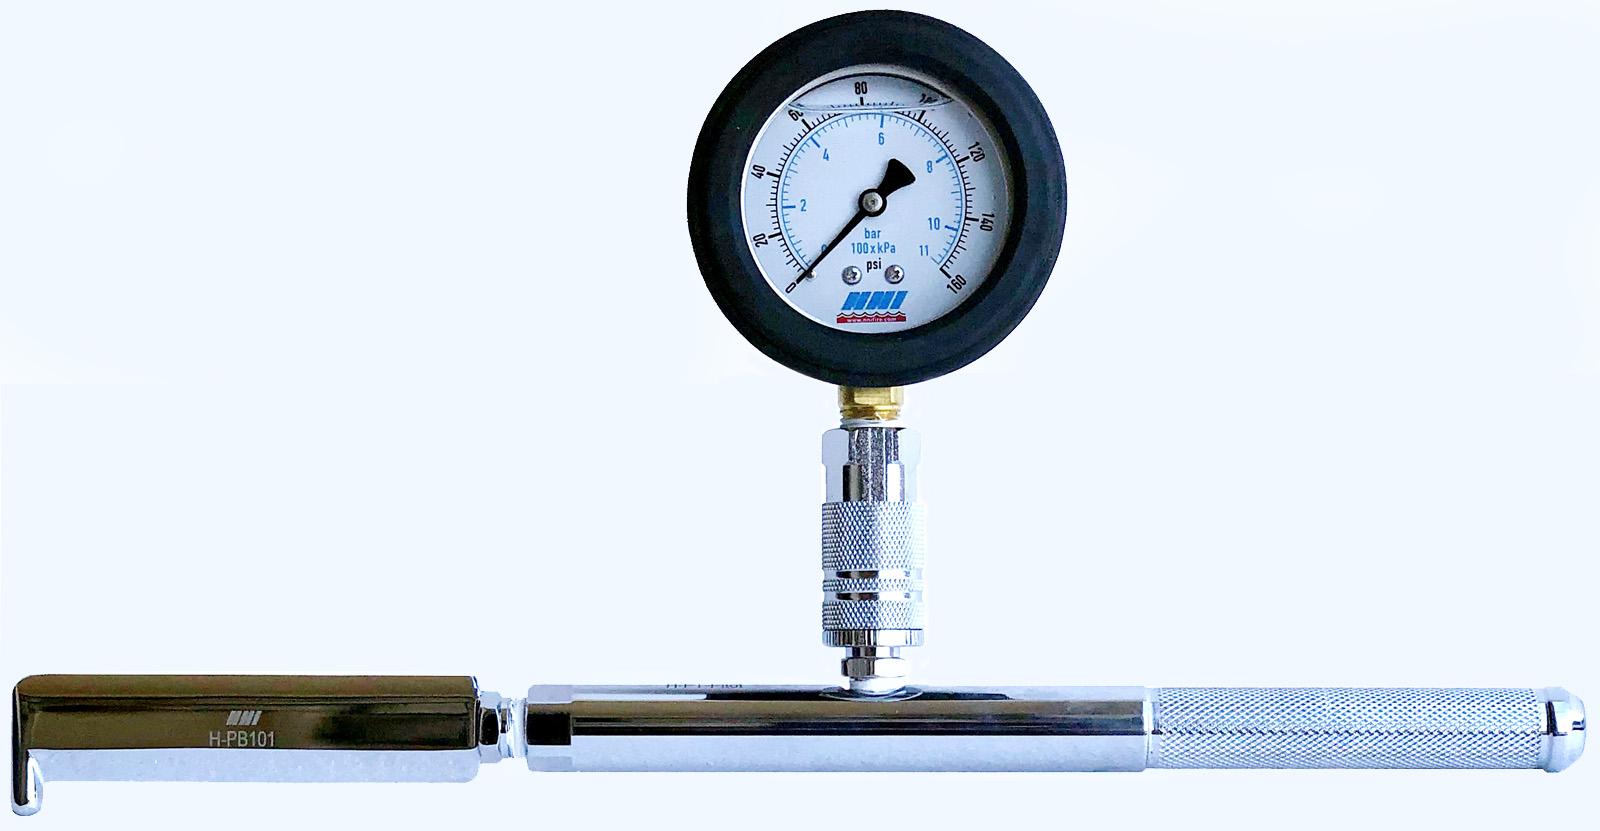 Nni Hydrant Test Kits